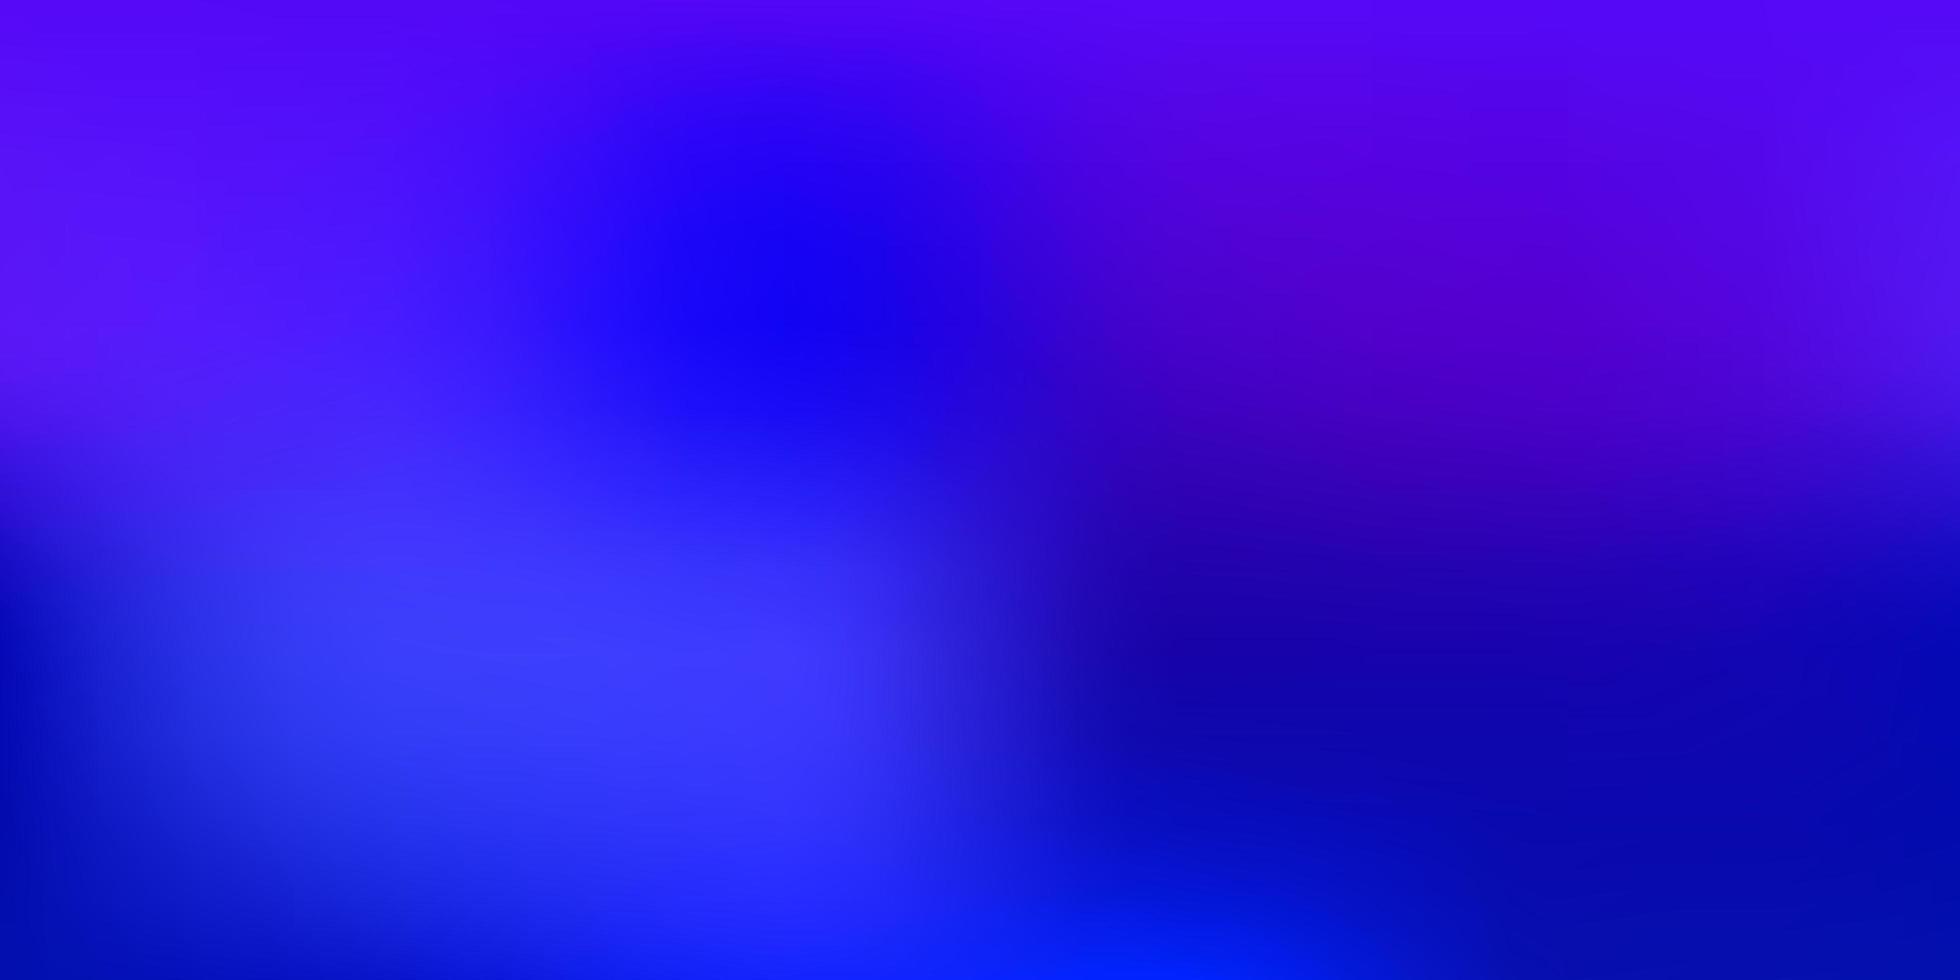 rosa scuro, blu vettore astratto sfocatura texture.